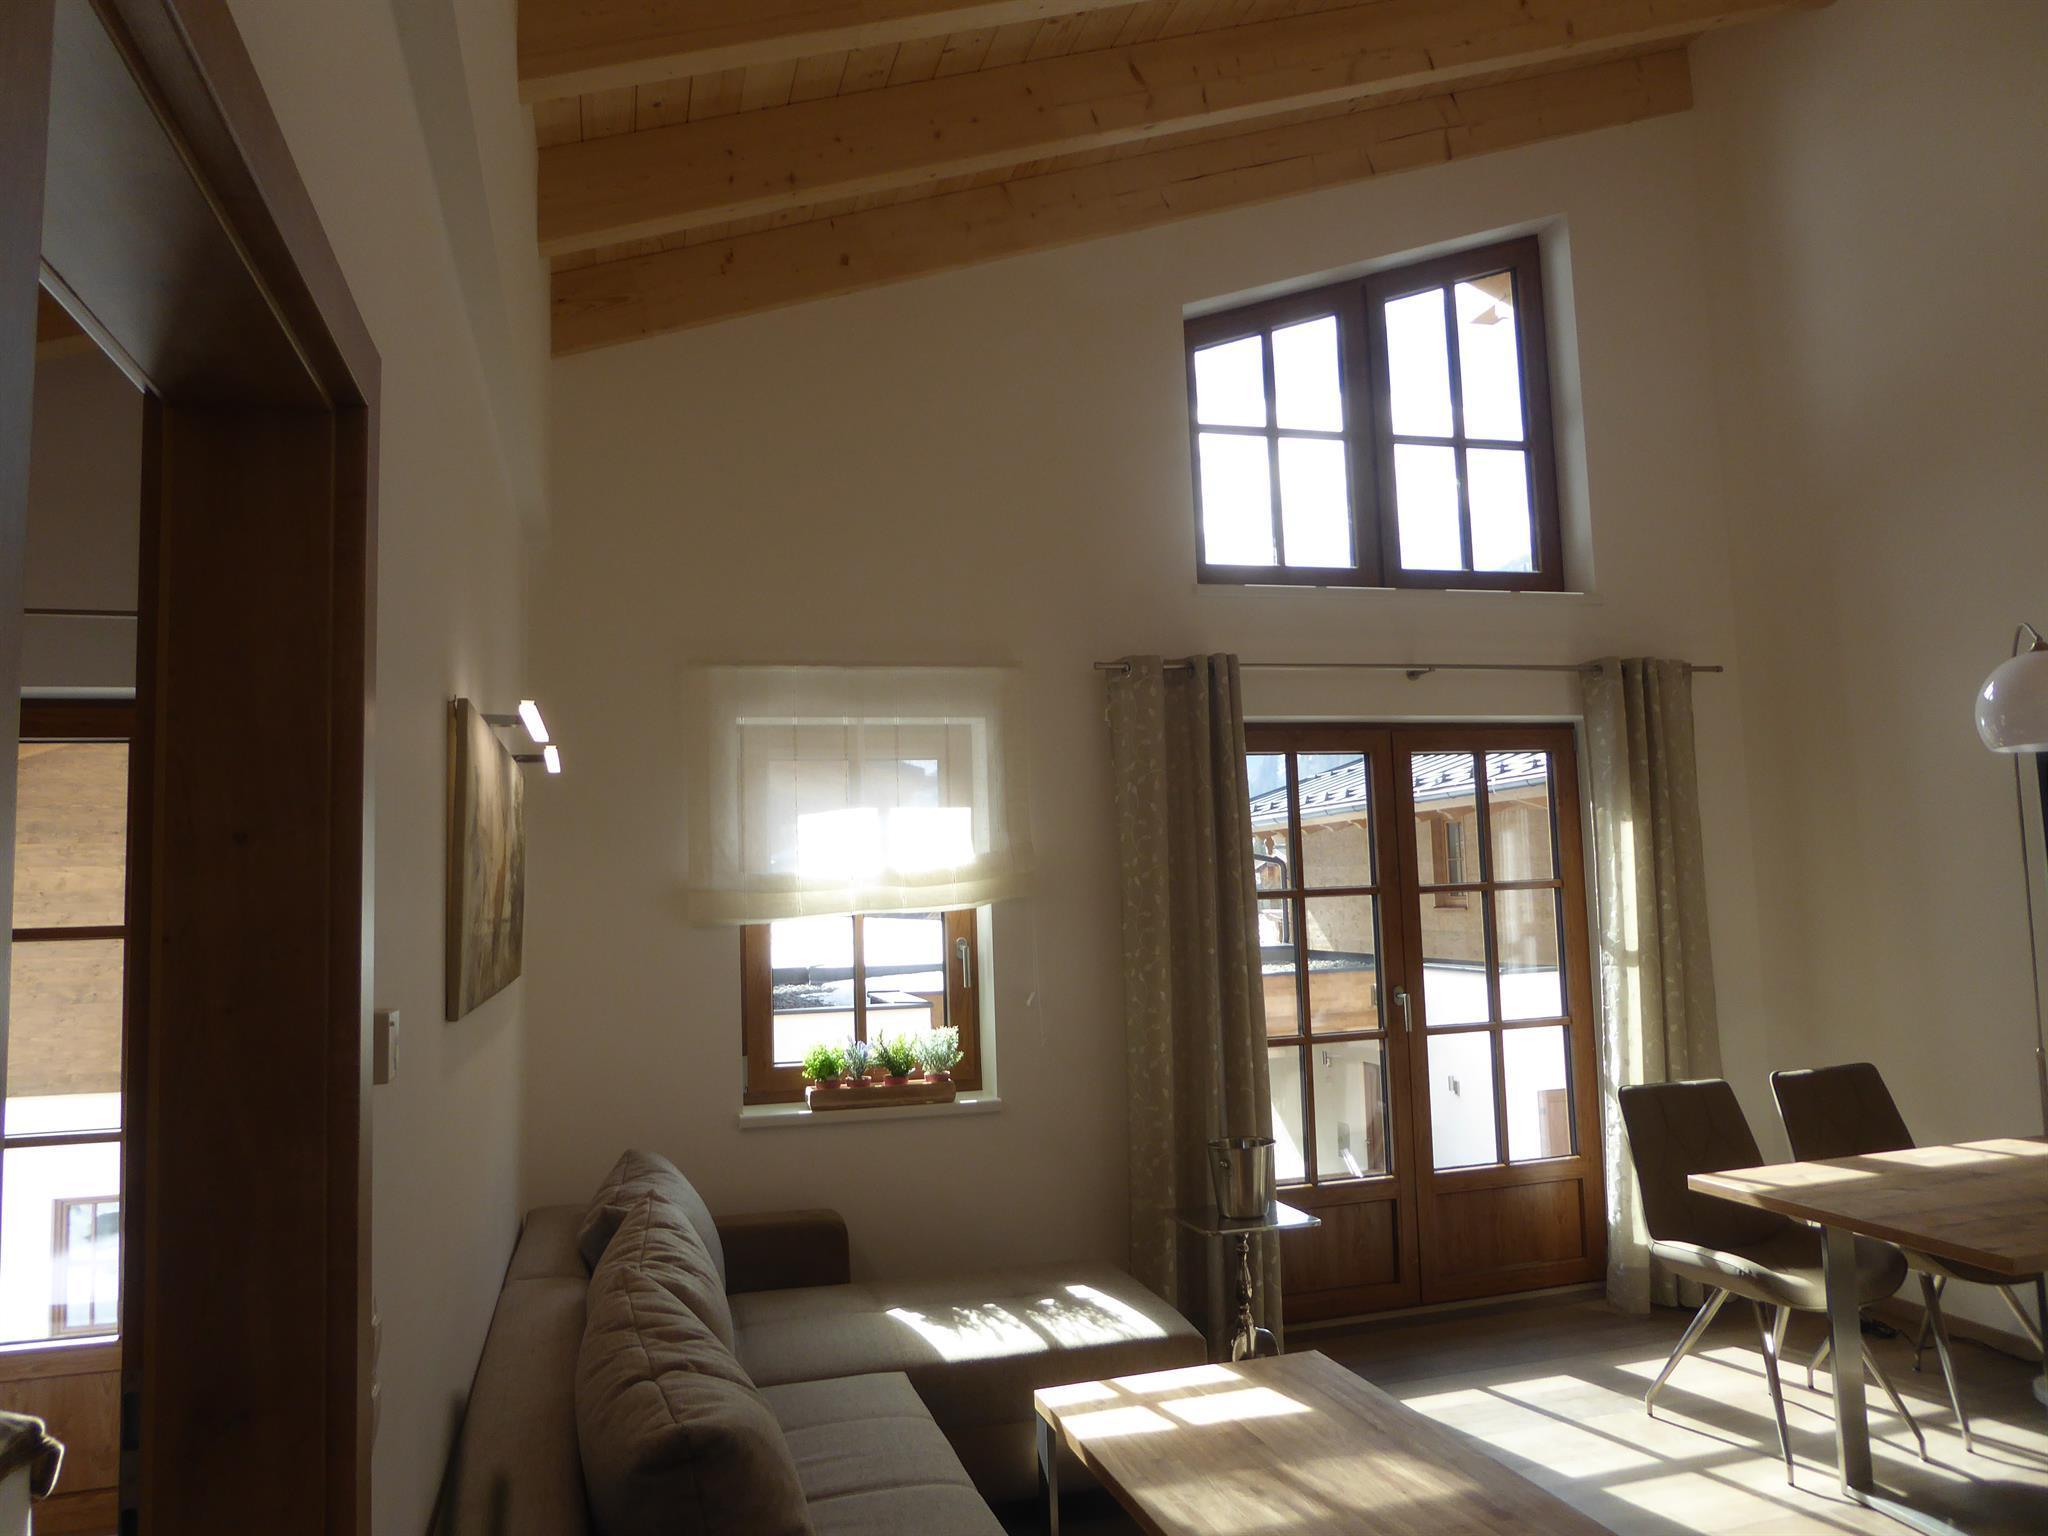 Maison de vacances Hochalmbahnen Chalet Haus 1-05, WHG. 3 (2575620), Rauris, Pinzgau, Salzbourg, Autriche, image 7